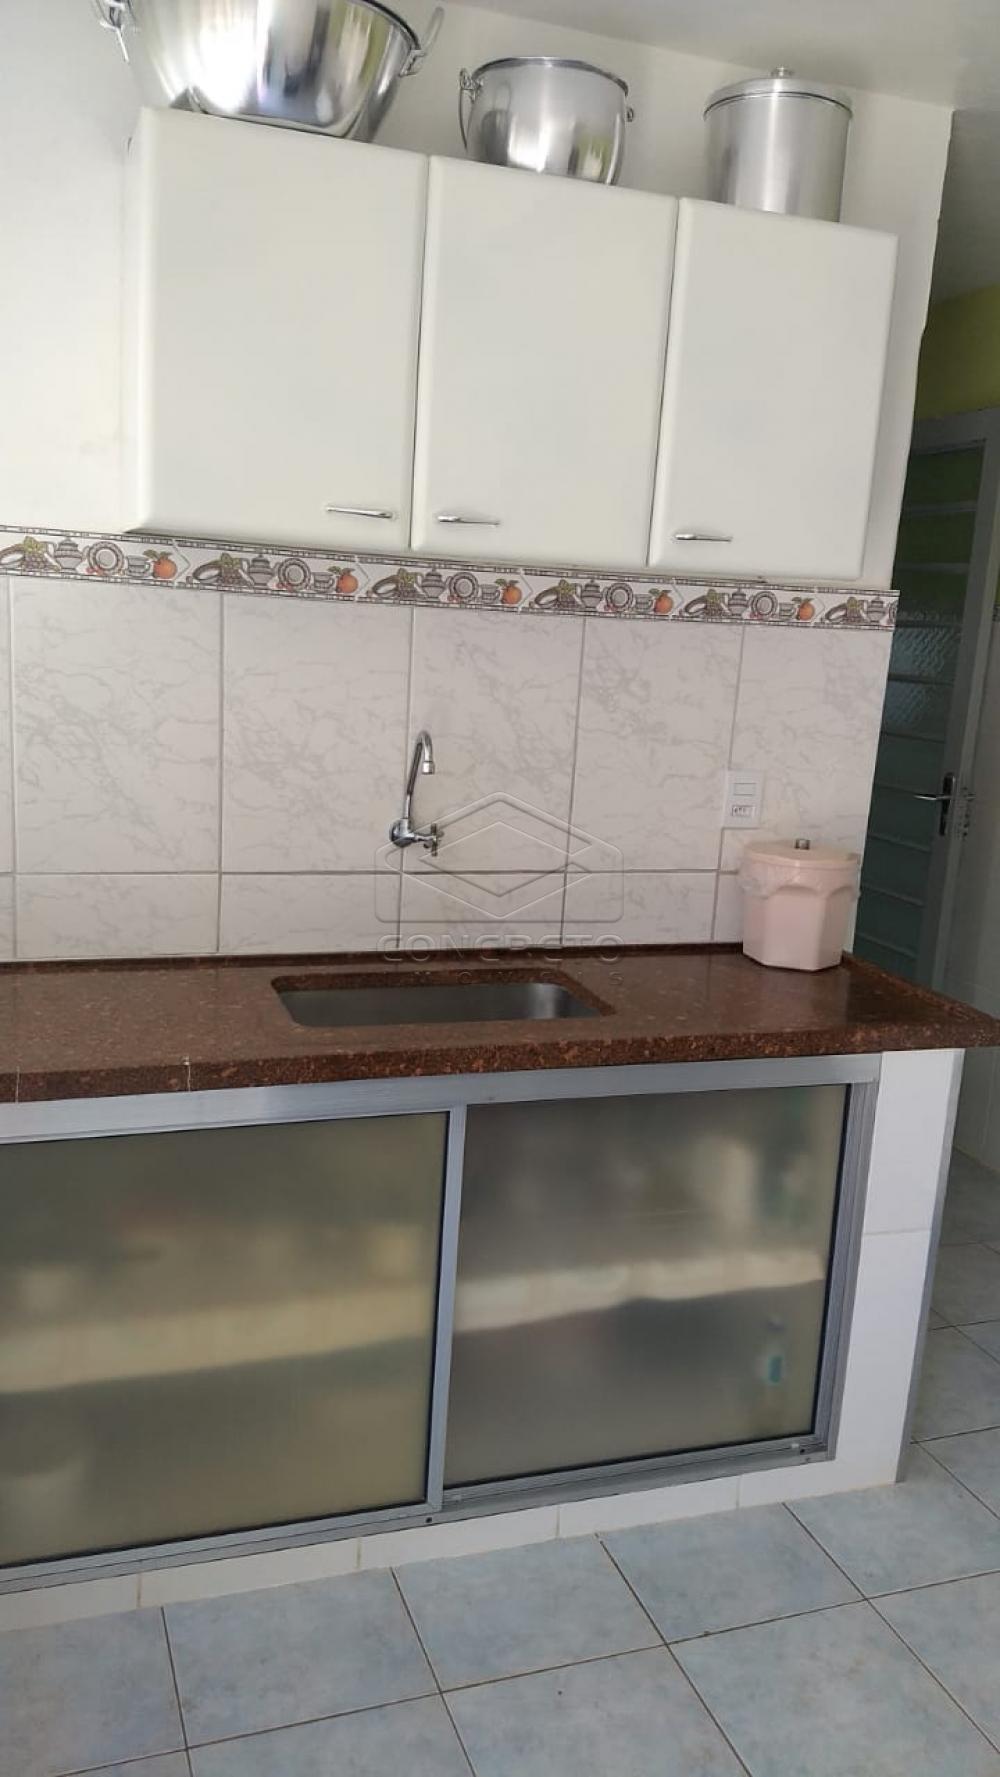 Comprar Casa / Residencia em Jaú apenas R$ 305.000,00 - Foto 19